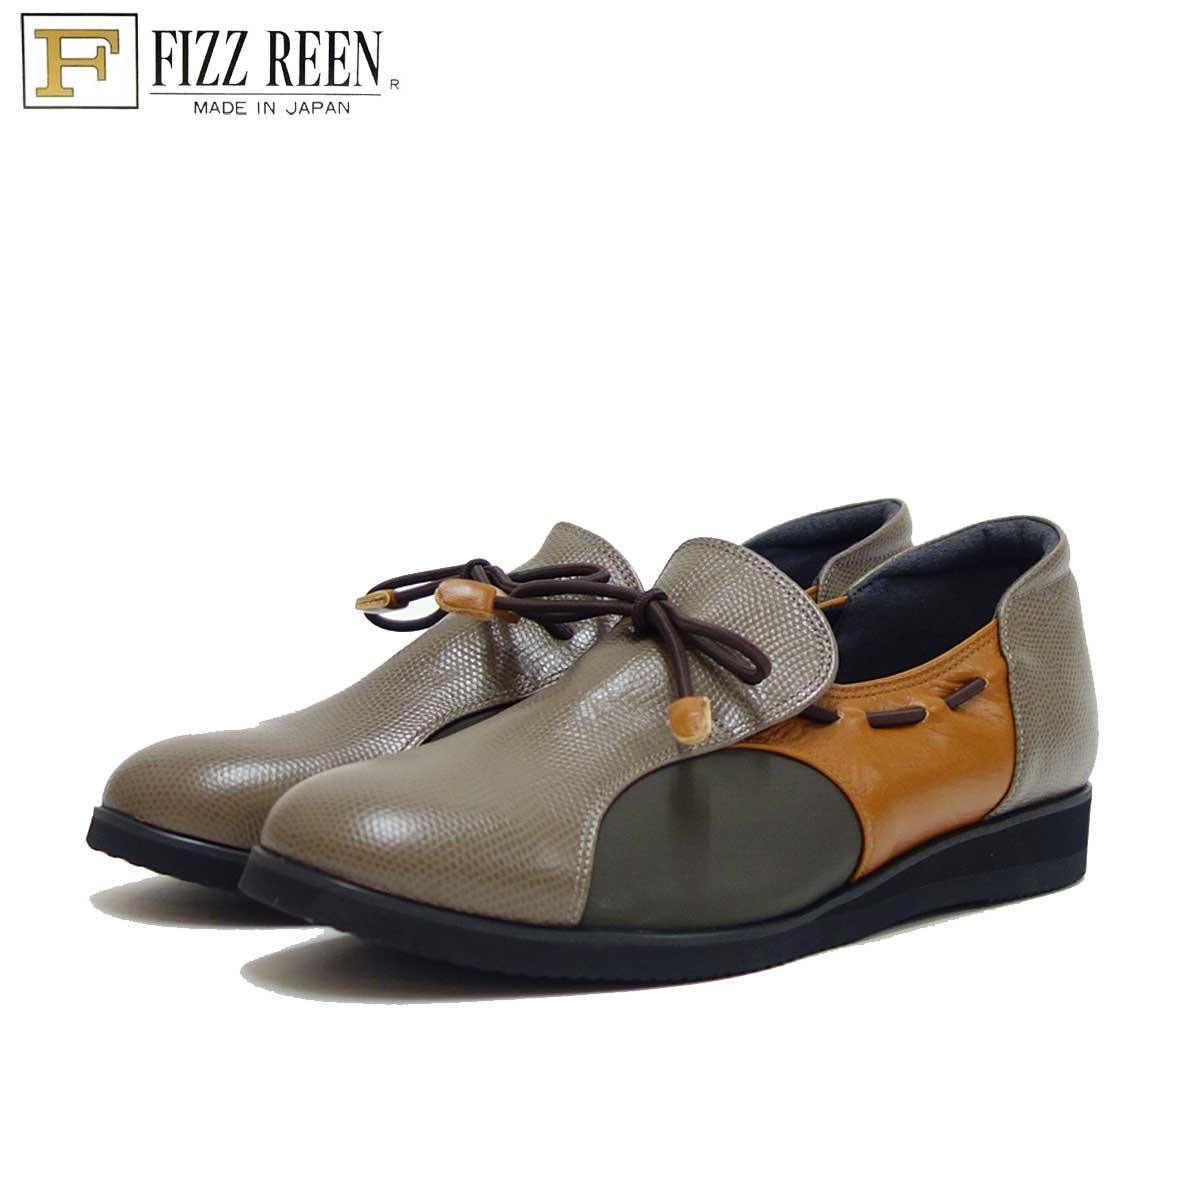 フィズリーン FIZZ REEN 4020 チャコール(レディース) EEEE幅 ストレッチ フラット シューズ(日本製)「靴」